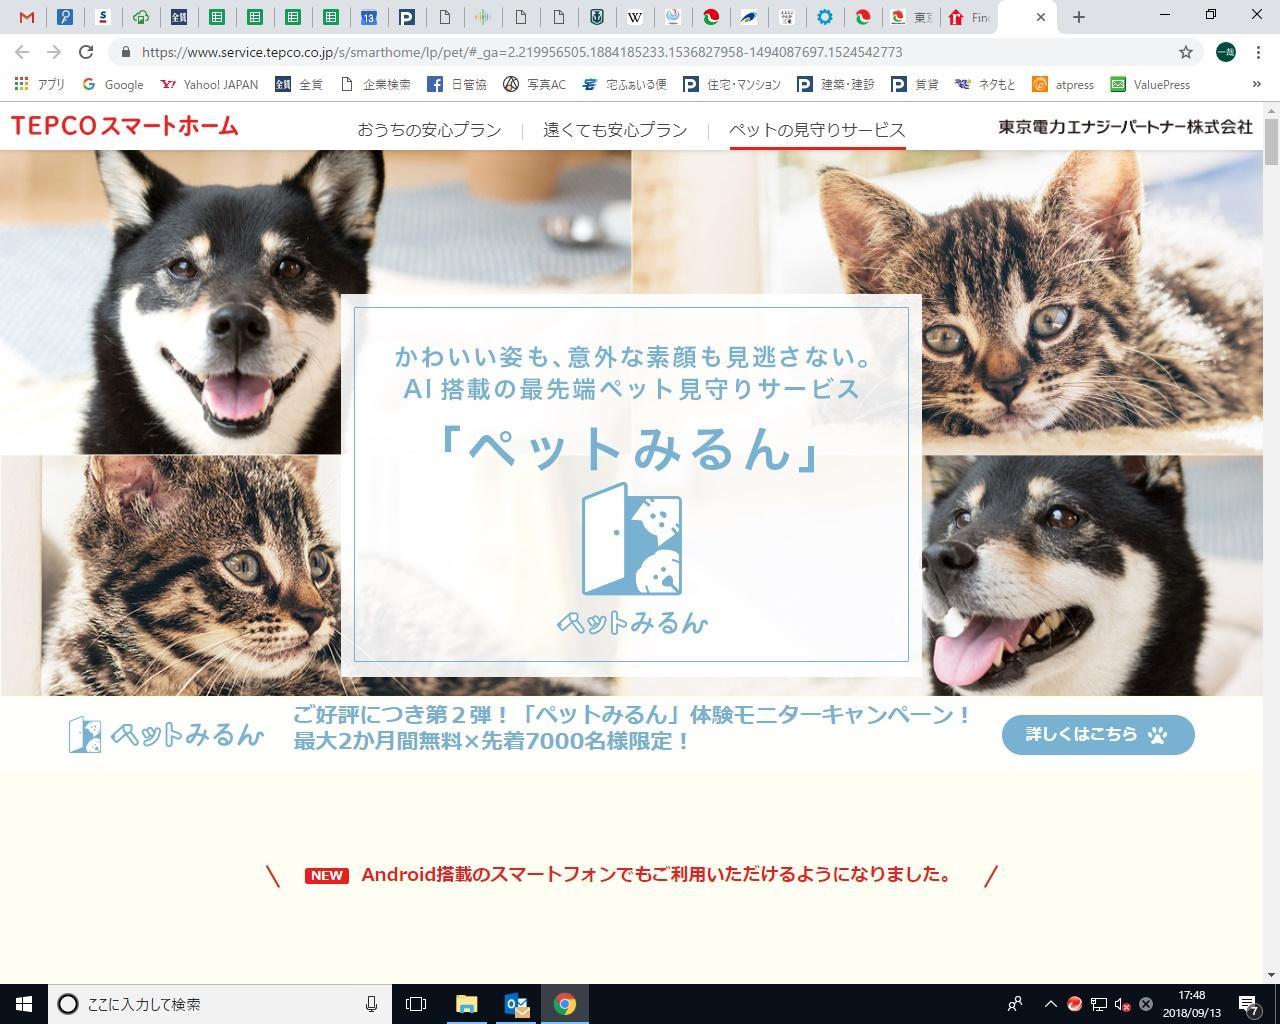 ペット見守りサービスを拡張